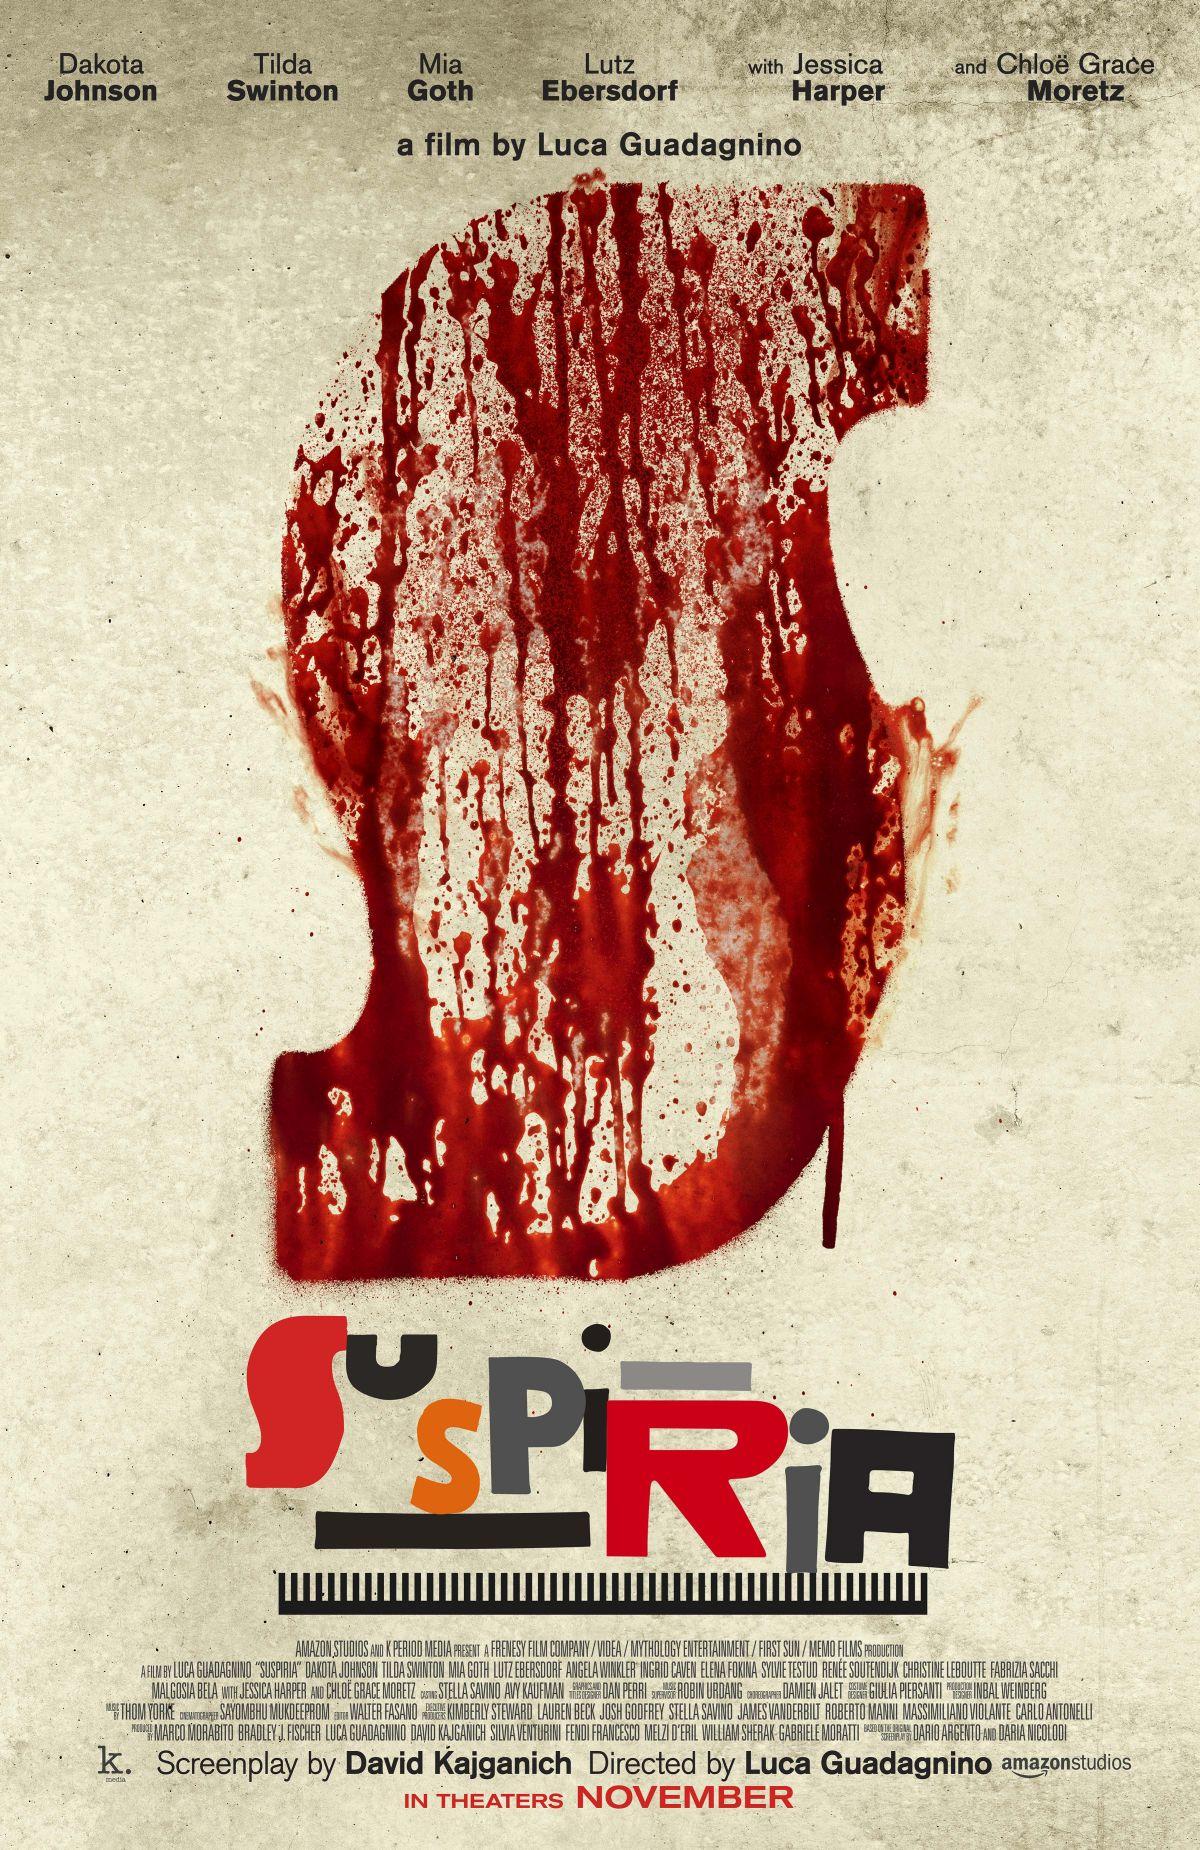 'Suspiria': La sangre acapara el nuevo póster